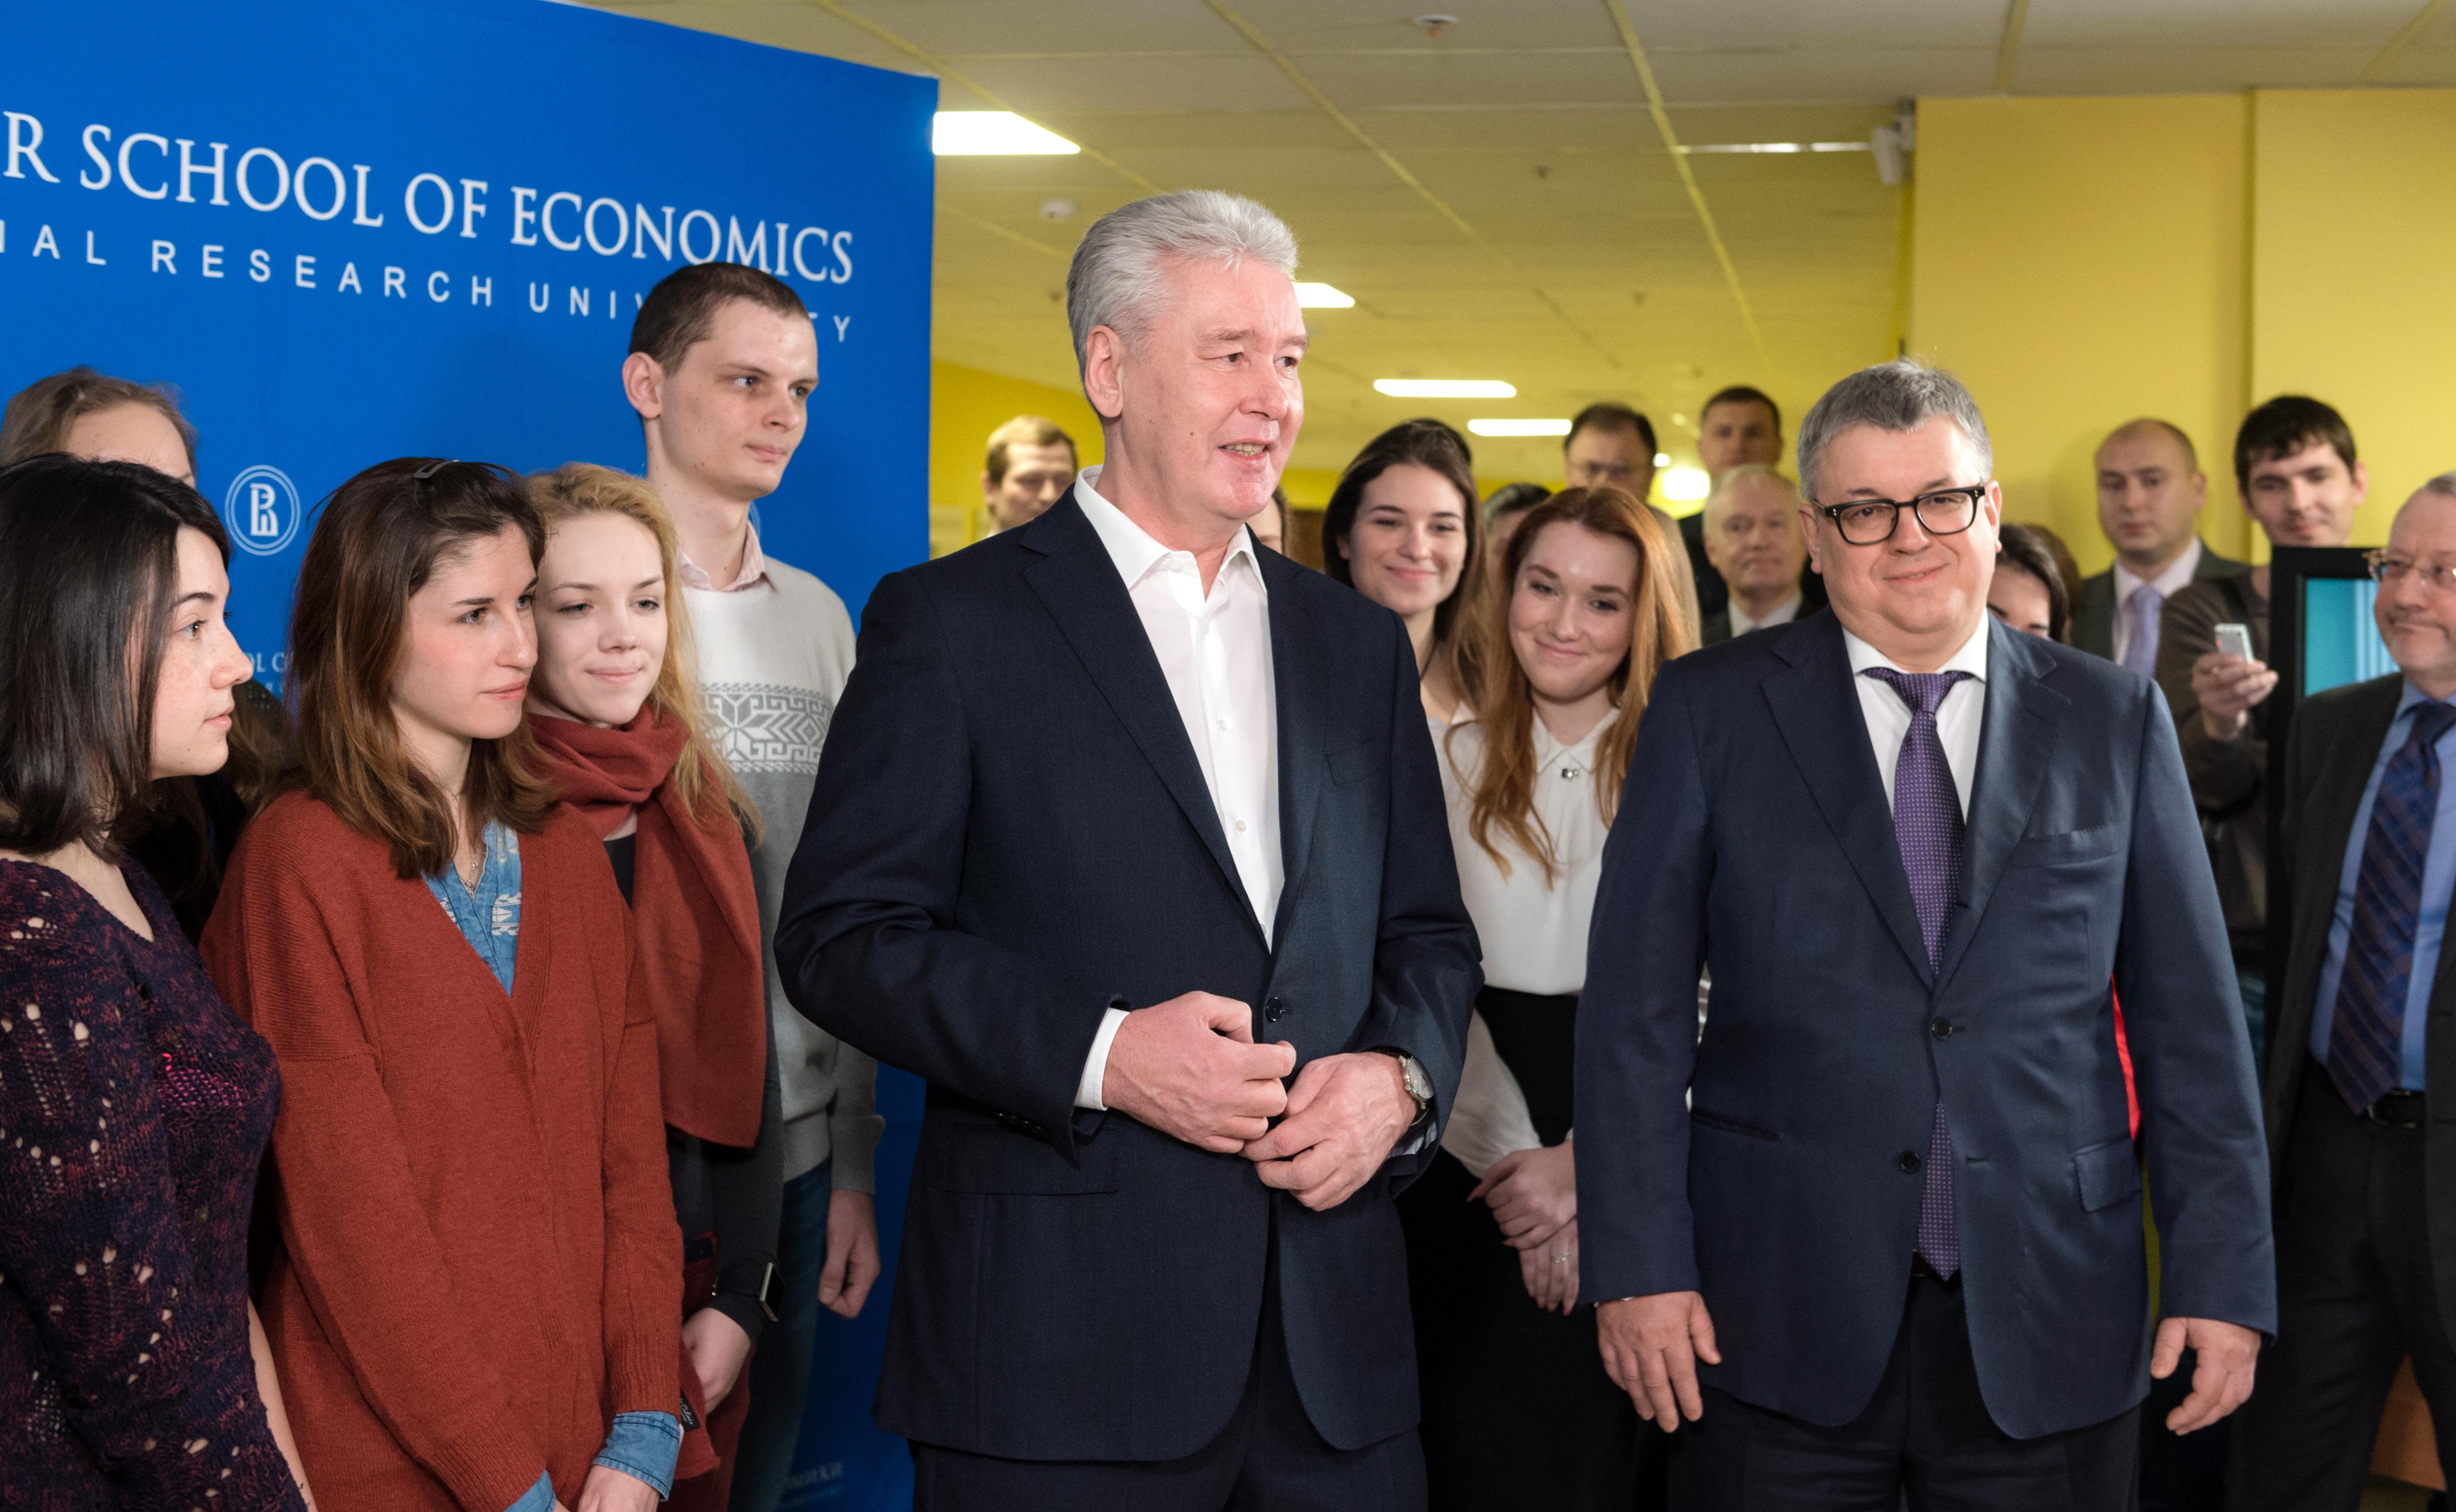 4 кампуса москва, санкт-петербург, нижний новгород, пермь. В московском кампусе вшэ можно подавать документы только на одну программу.